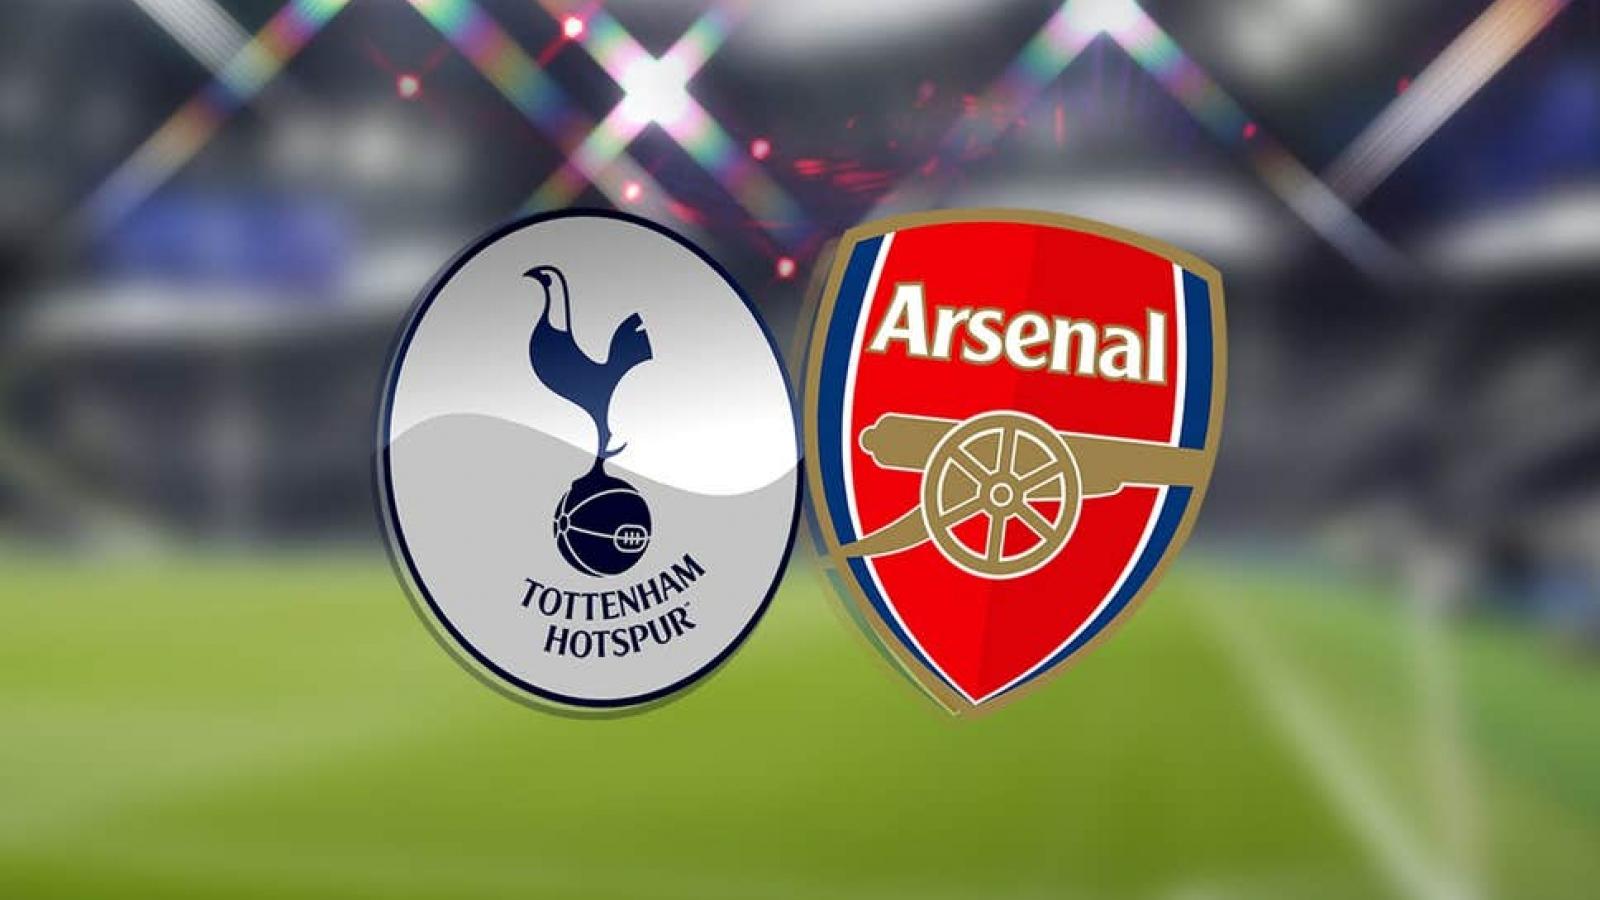 Lịch thi đấu bóng đá hôm nay (6/12): Rực lửa derby Bắc London